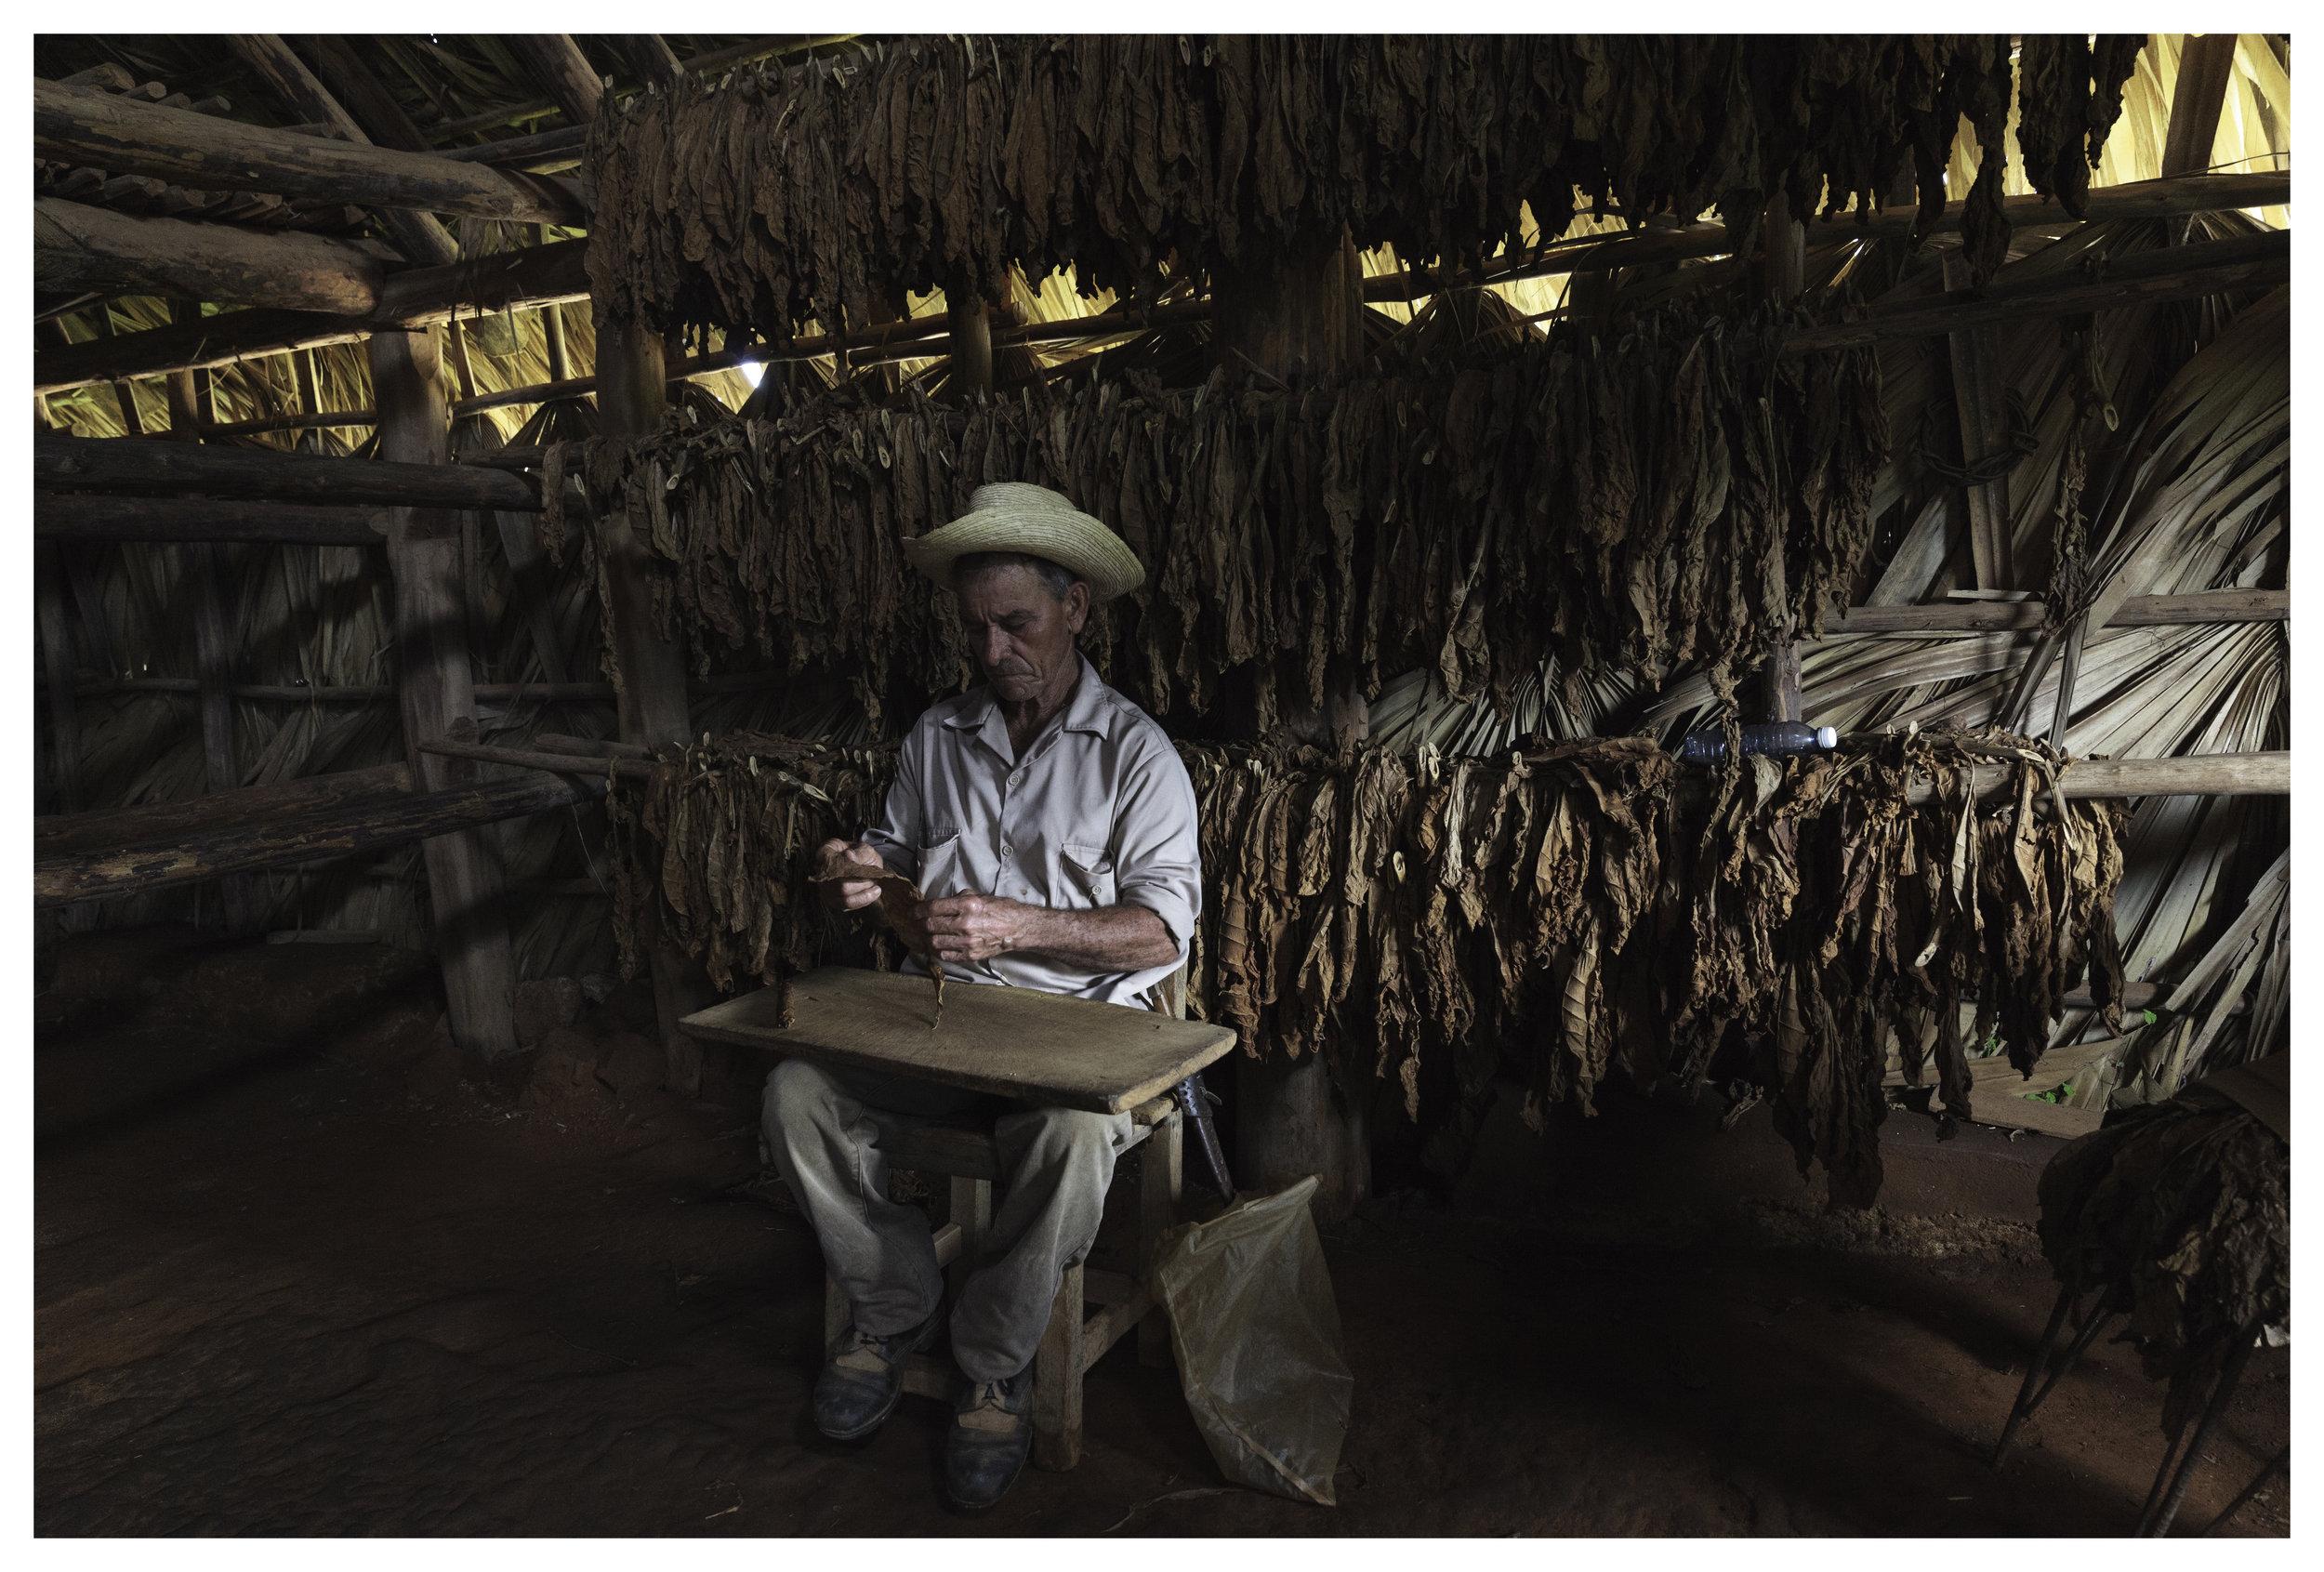 Benito Carnejo Nodarse, tobacco farmer of Benito Farms  1/60 f/5.0 ISO 2000 at 24mm